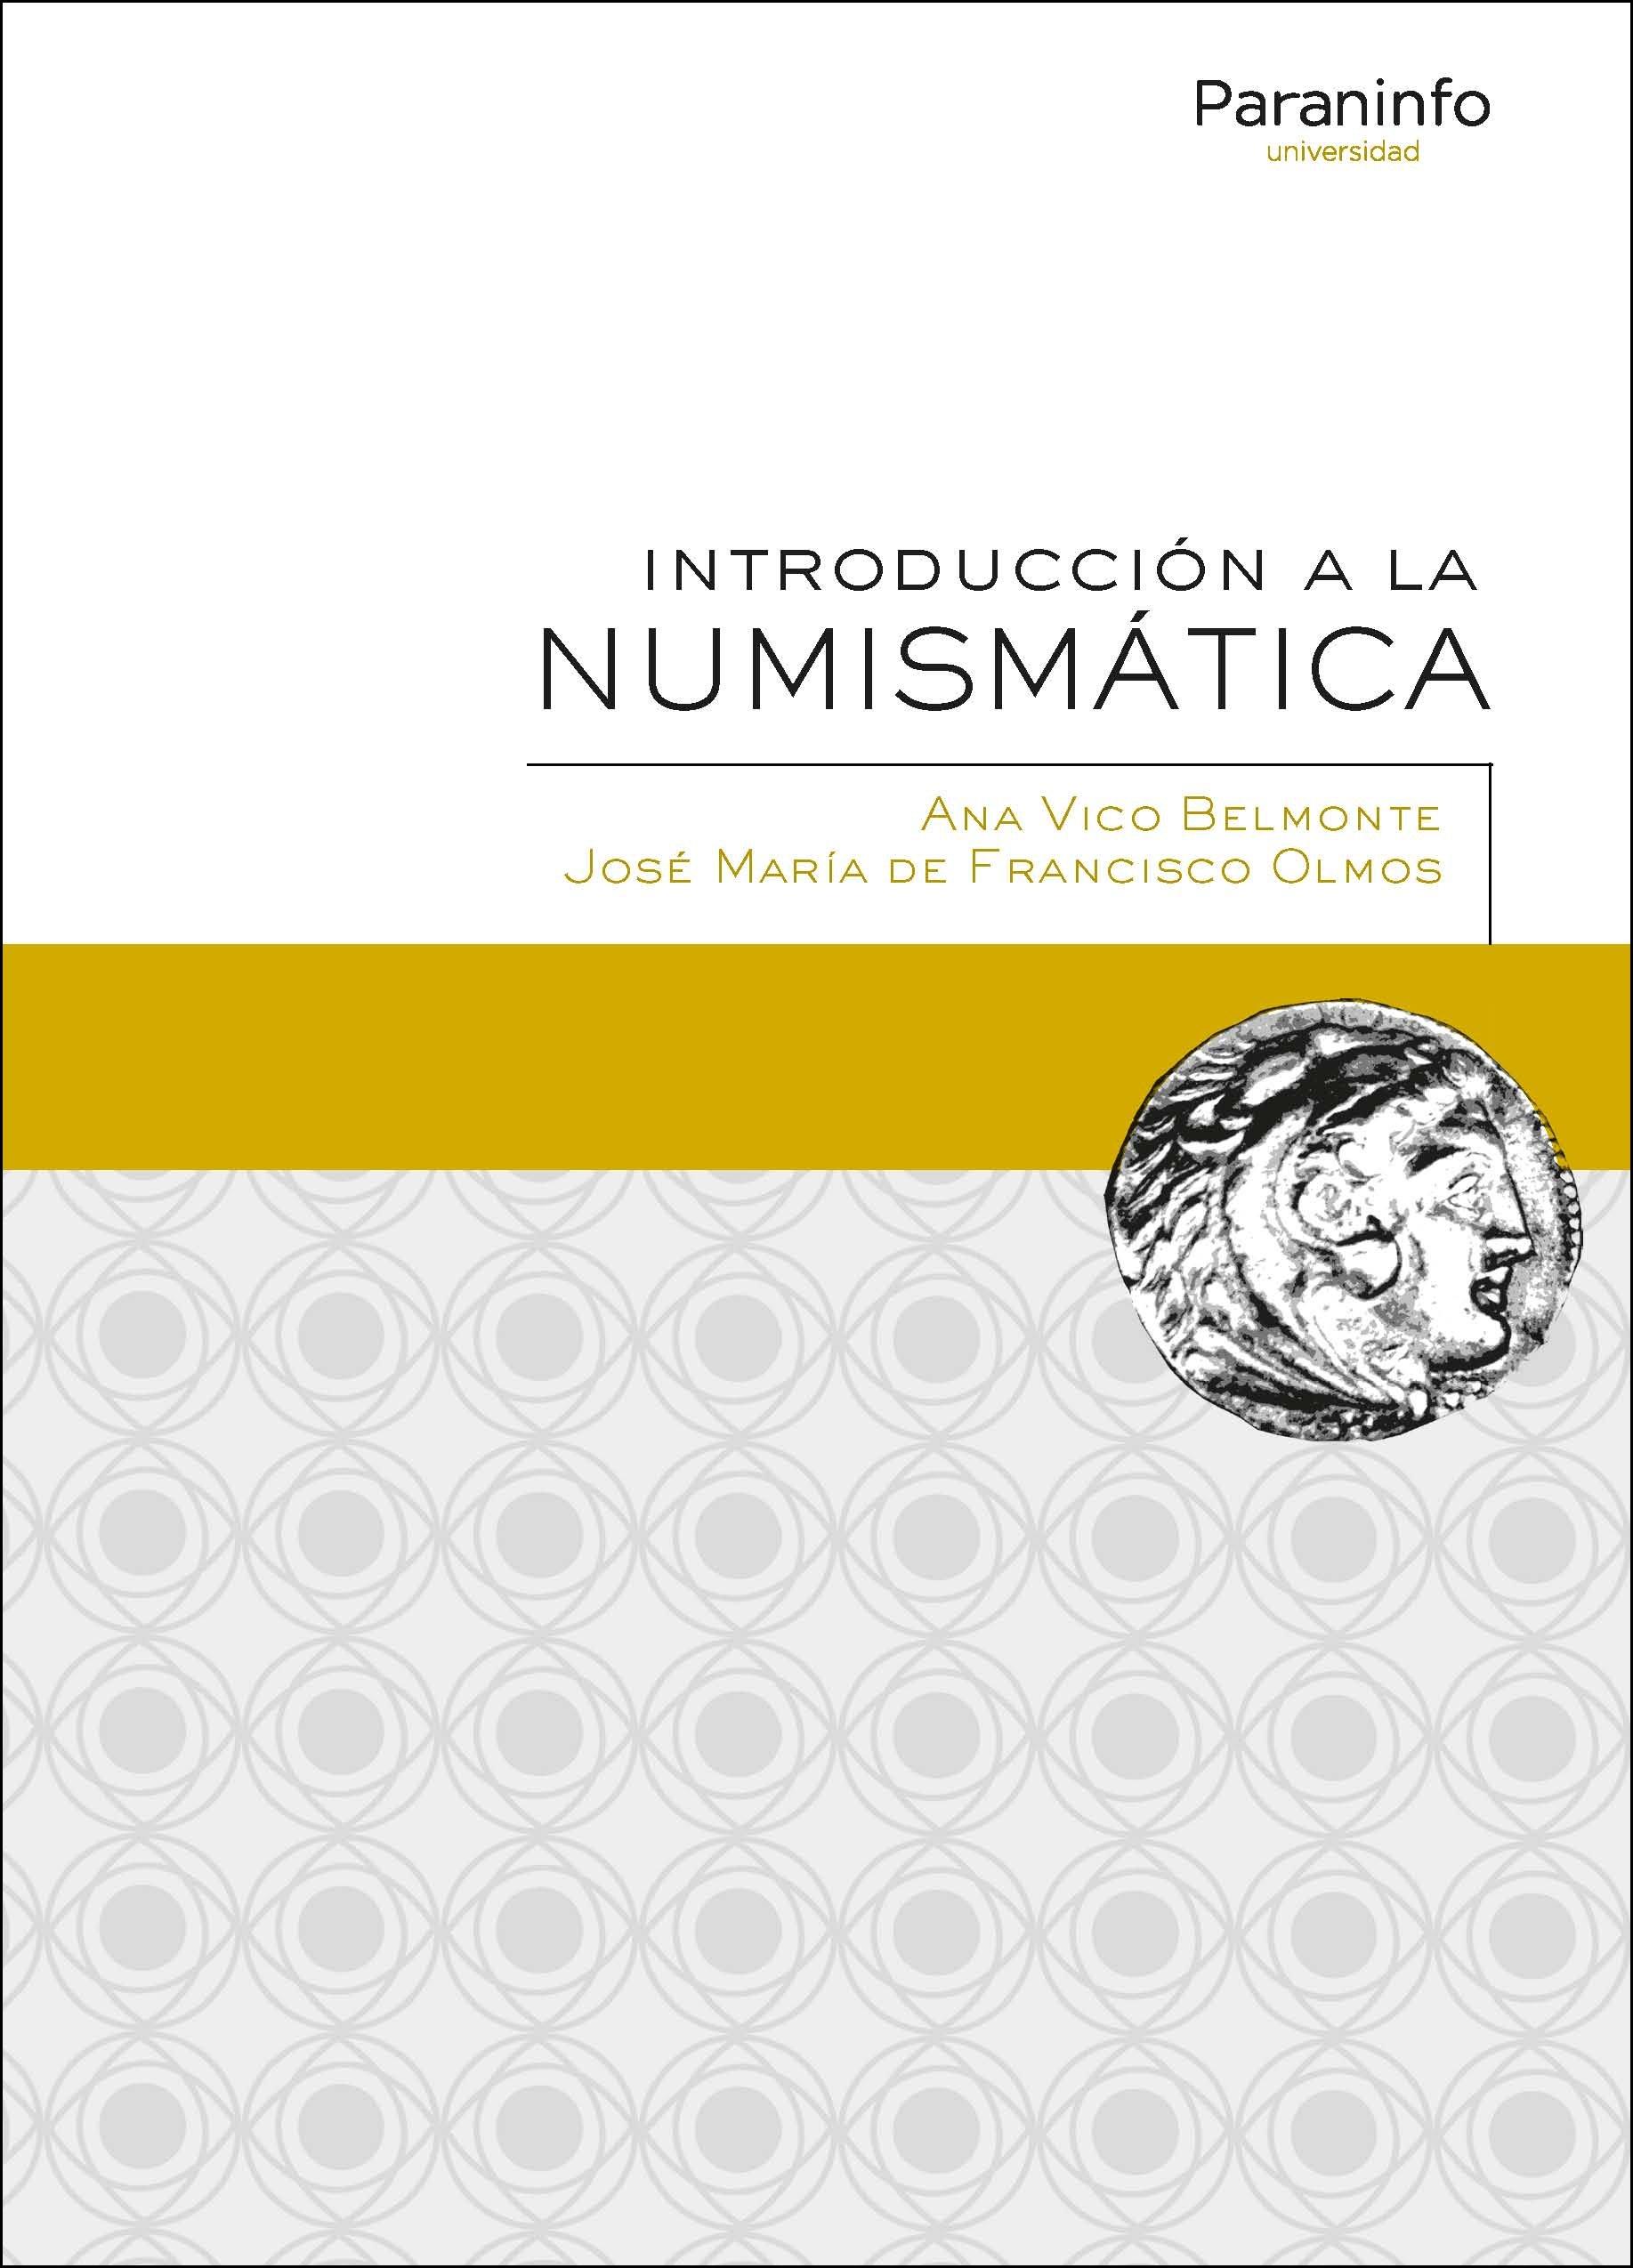 Introducción a la Numismática (Historia): Amazon.es: Vico Belmonte, Ana, De Francisco Olmos, Josée María: Libros